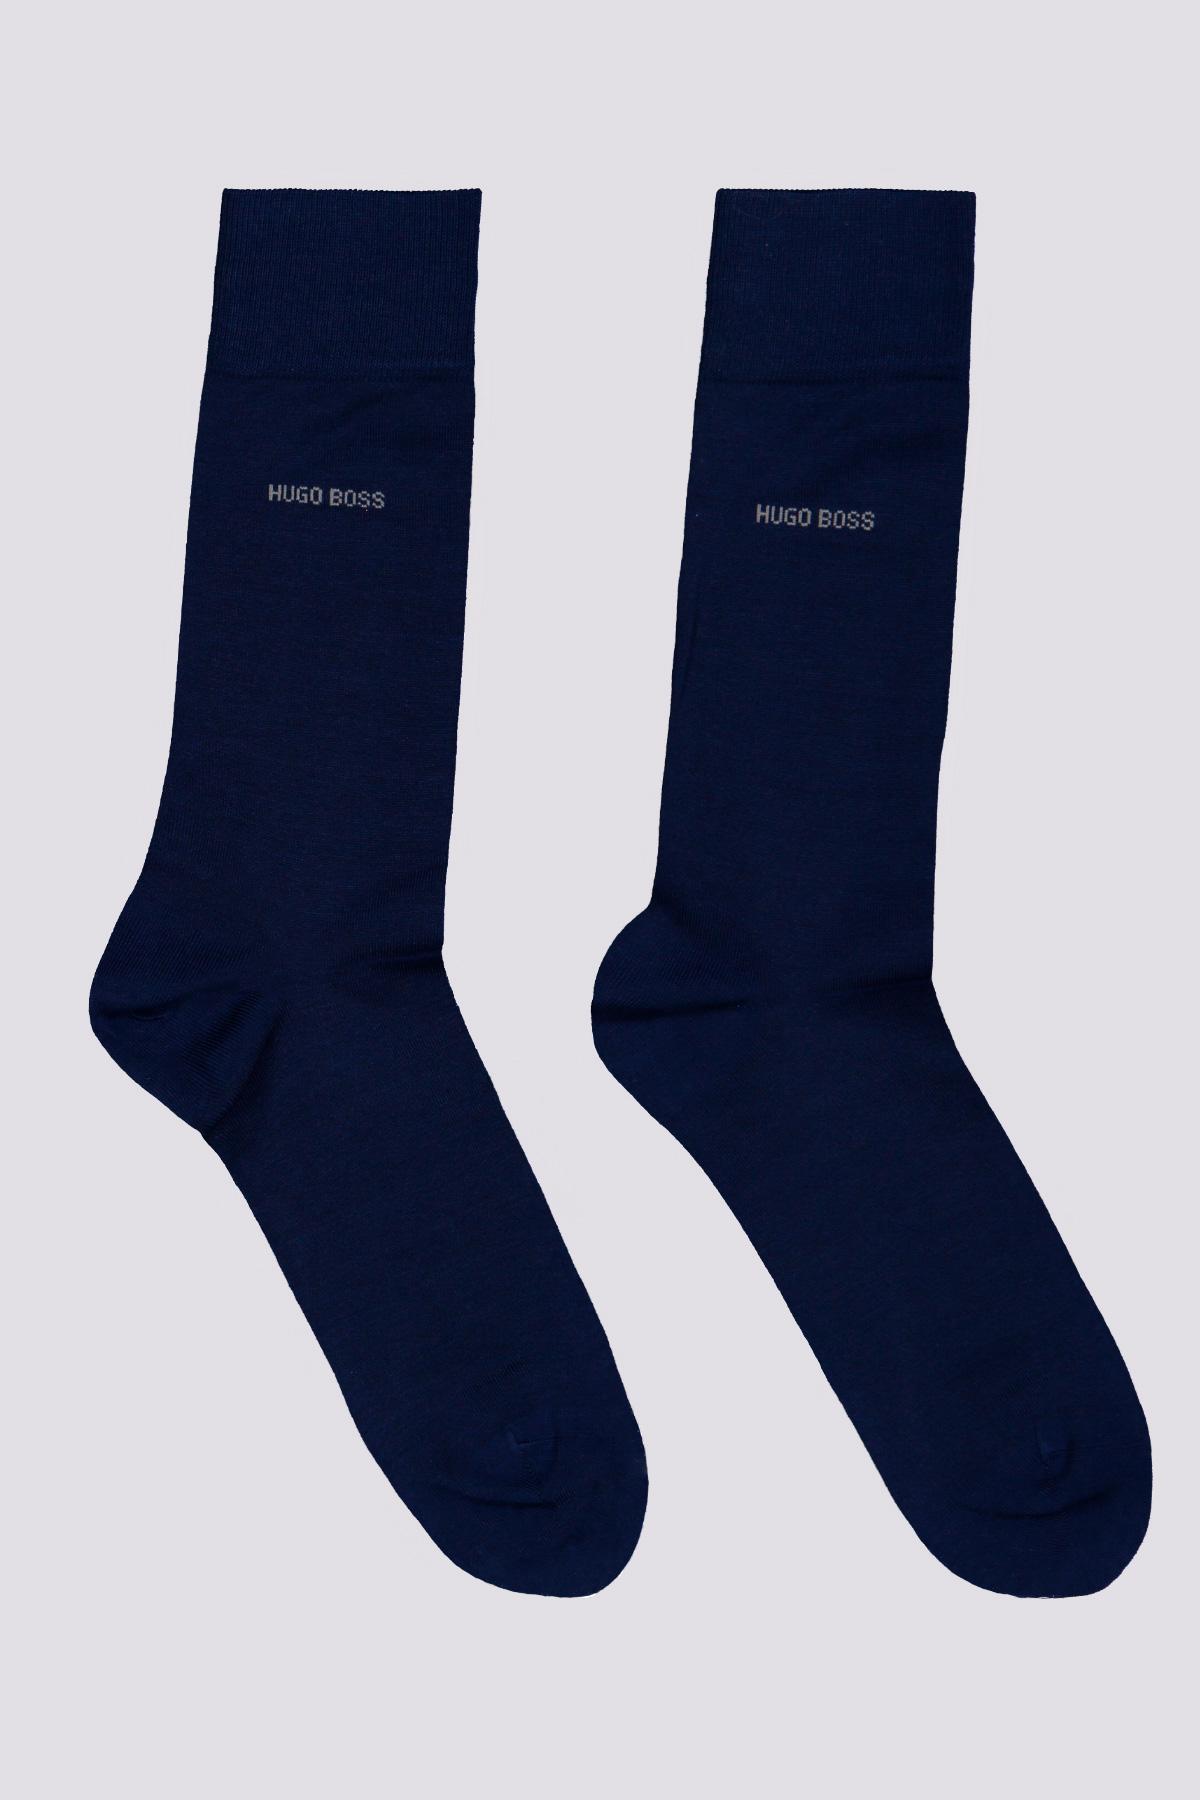 Paquete de dos calcetines largos marca BOSS de mezcla de algodón gris claro